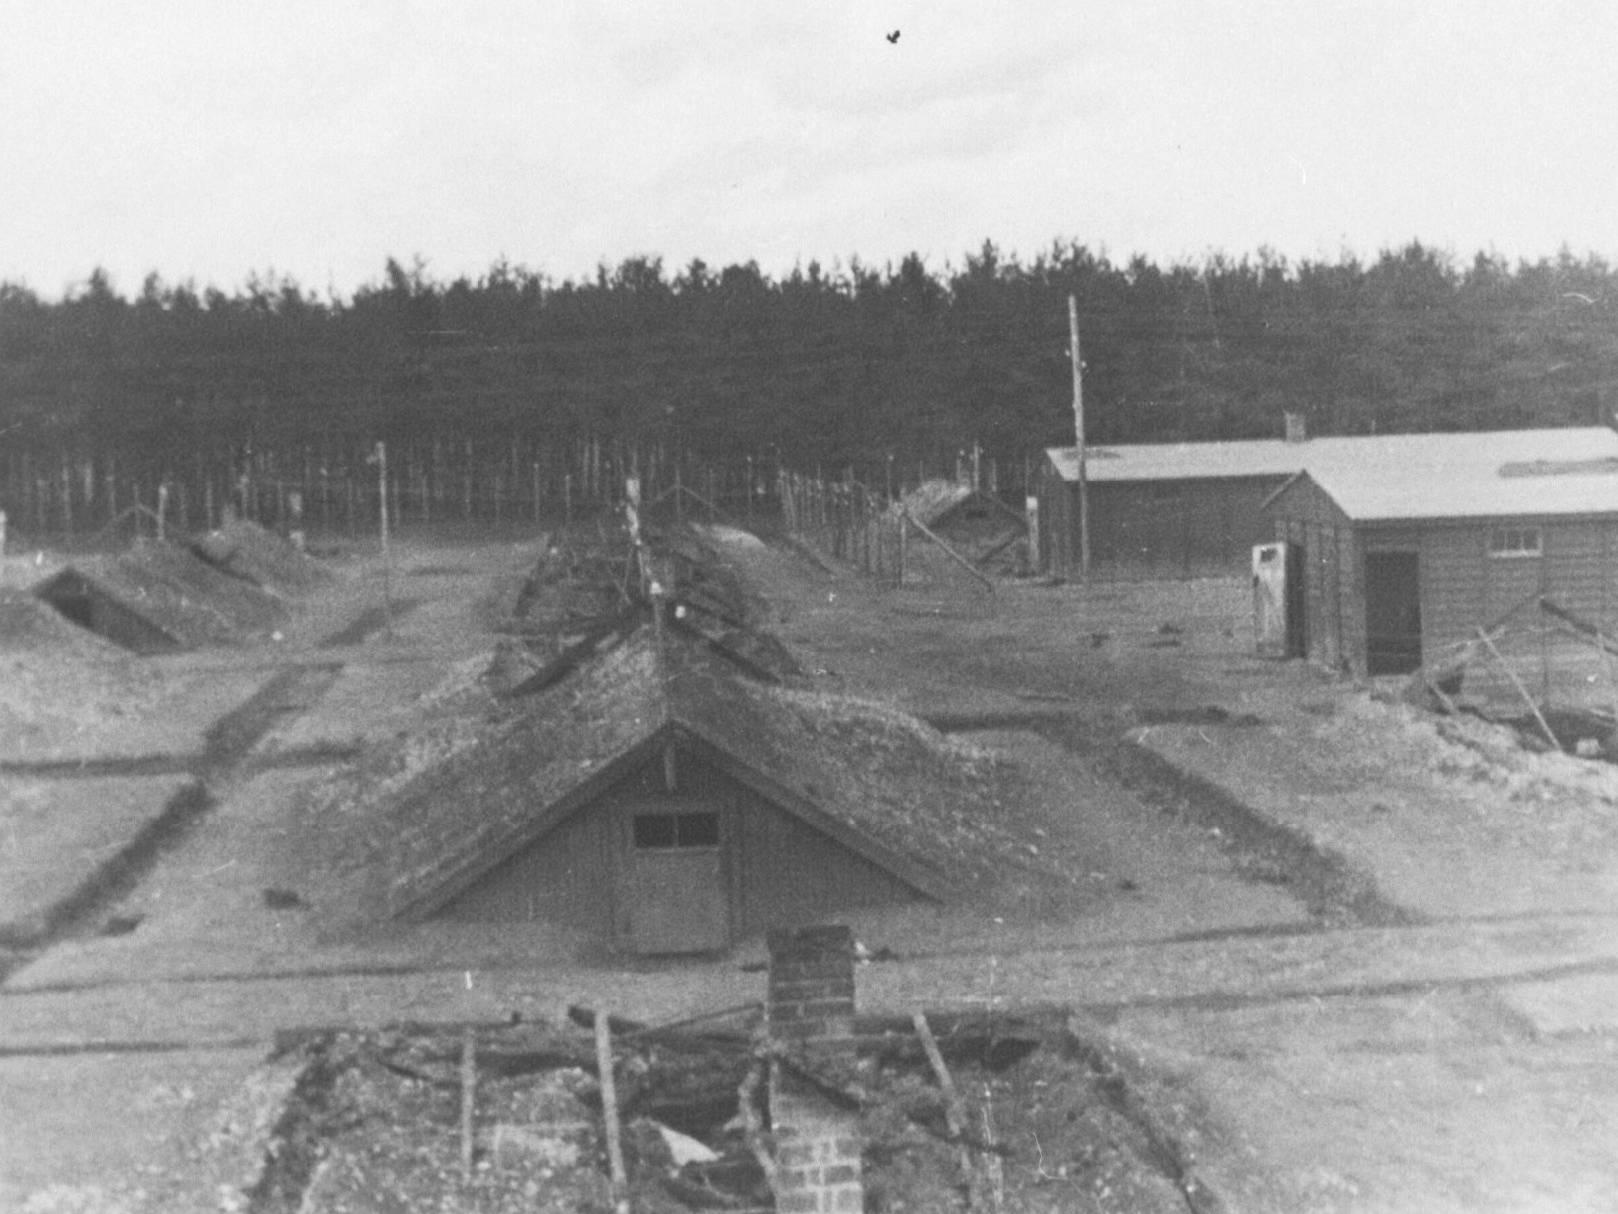 Das KZ-Außenlager Kaufering IV (Hurlach) nach der Befreiung.